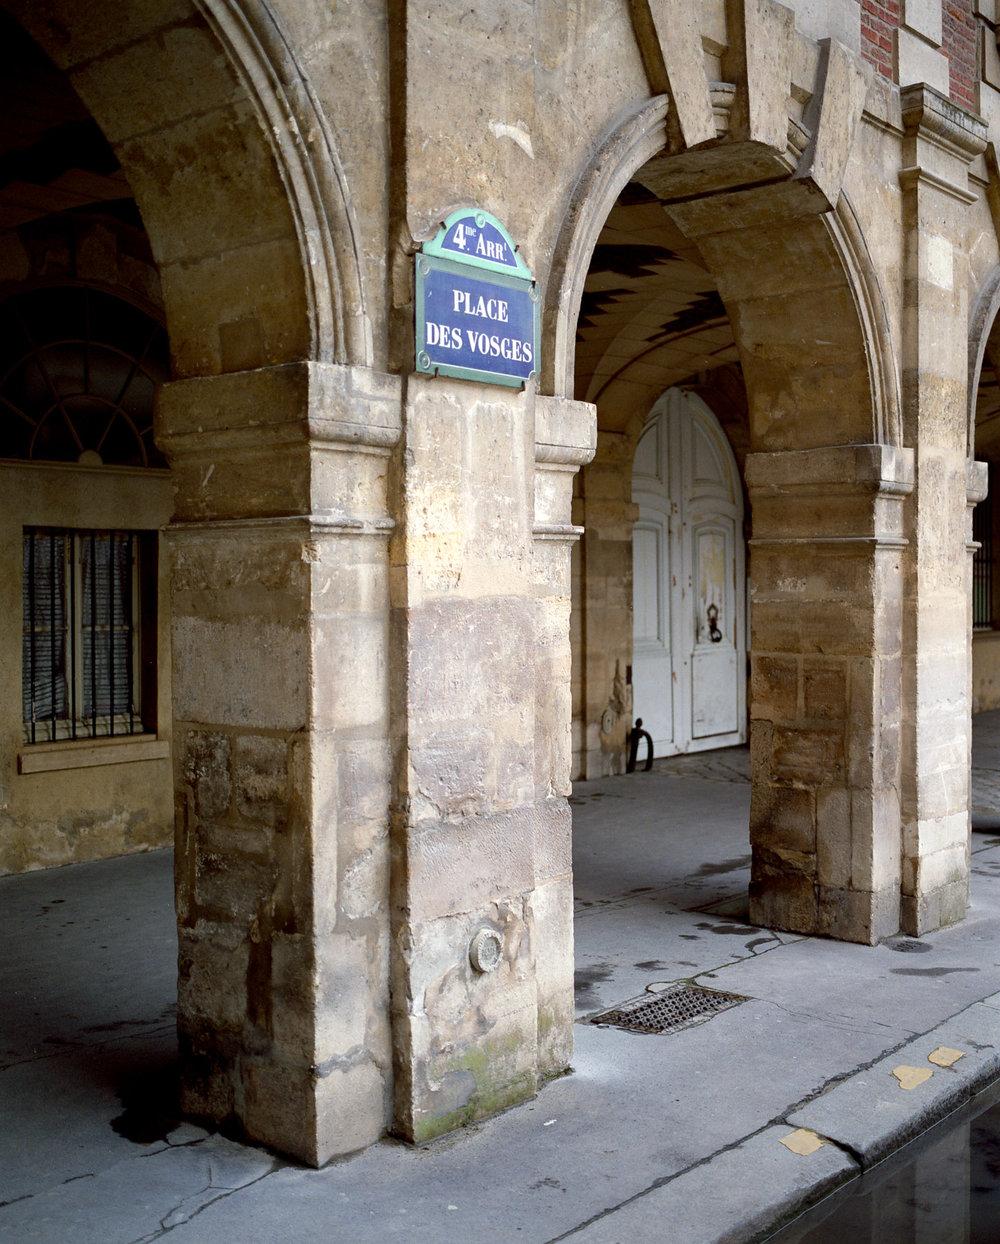 Place des Vosges No.8